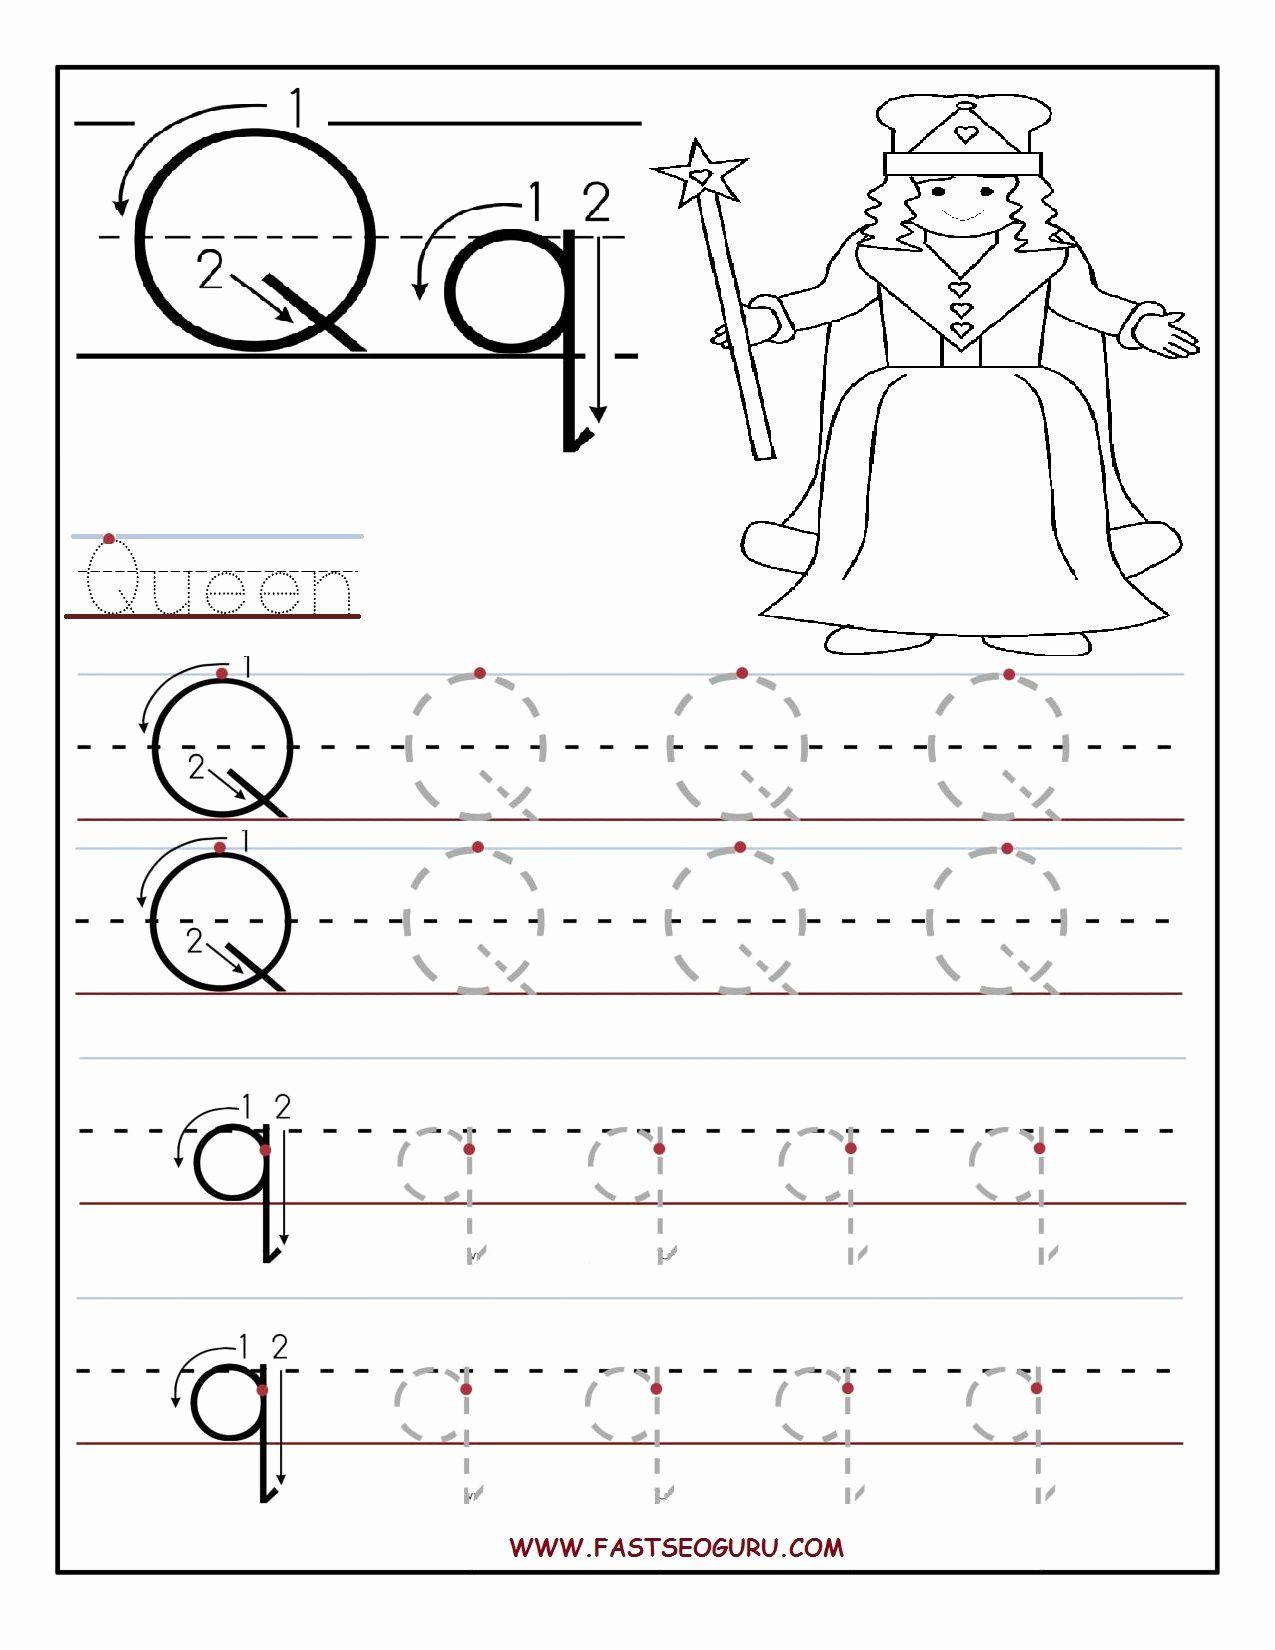 Letter Q Worksheets For Preschoolers In